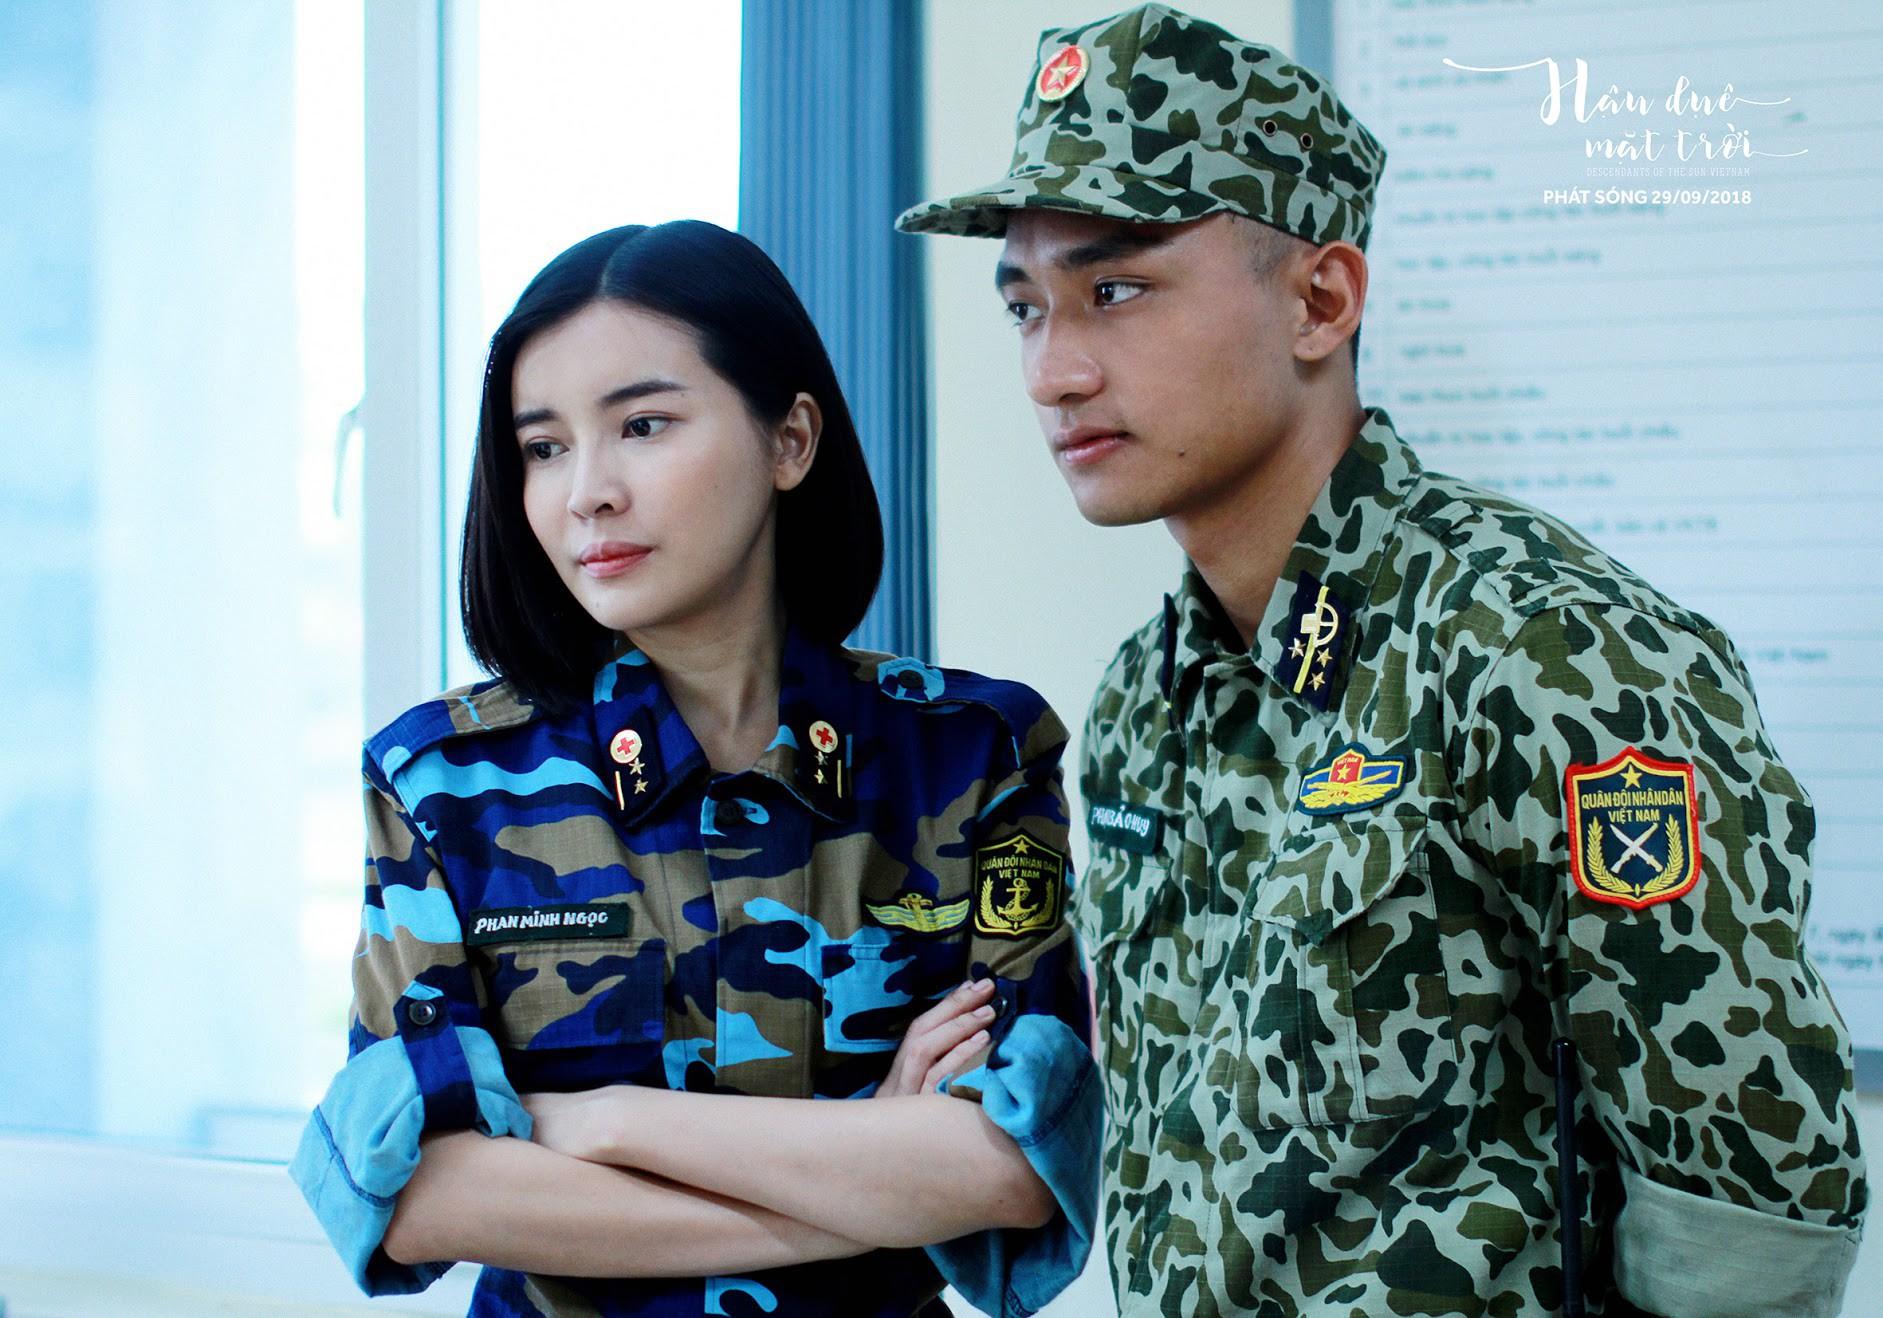 Phim Việt tháng 10: Hậu Duệ Mặt Trời gây xôn xao, Người Bất Tử